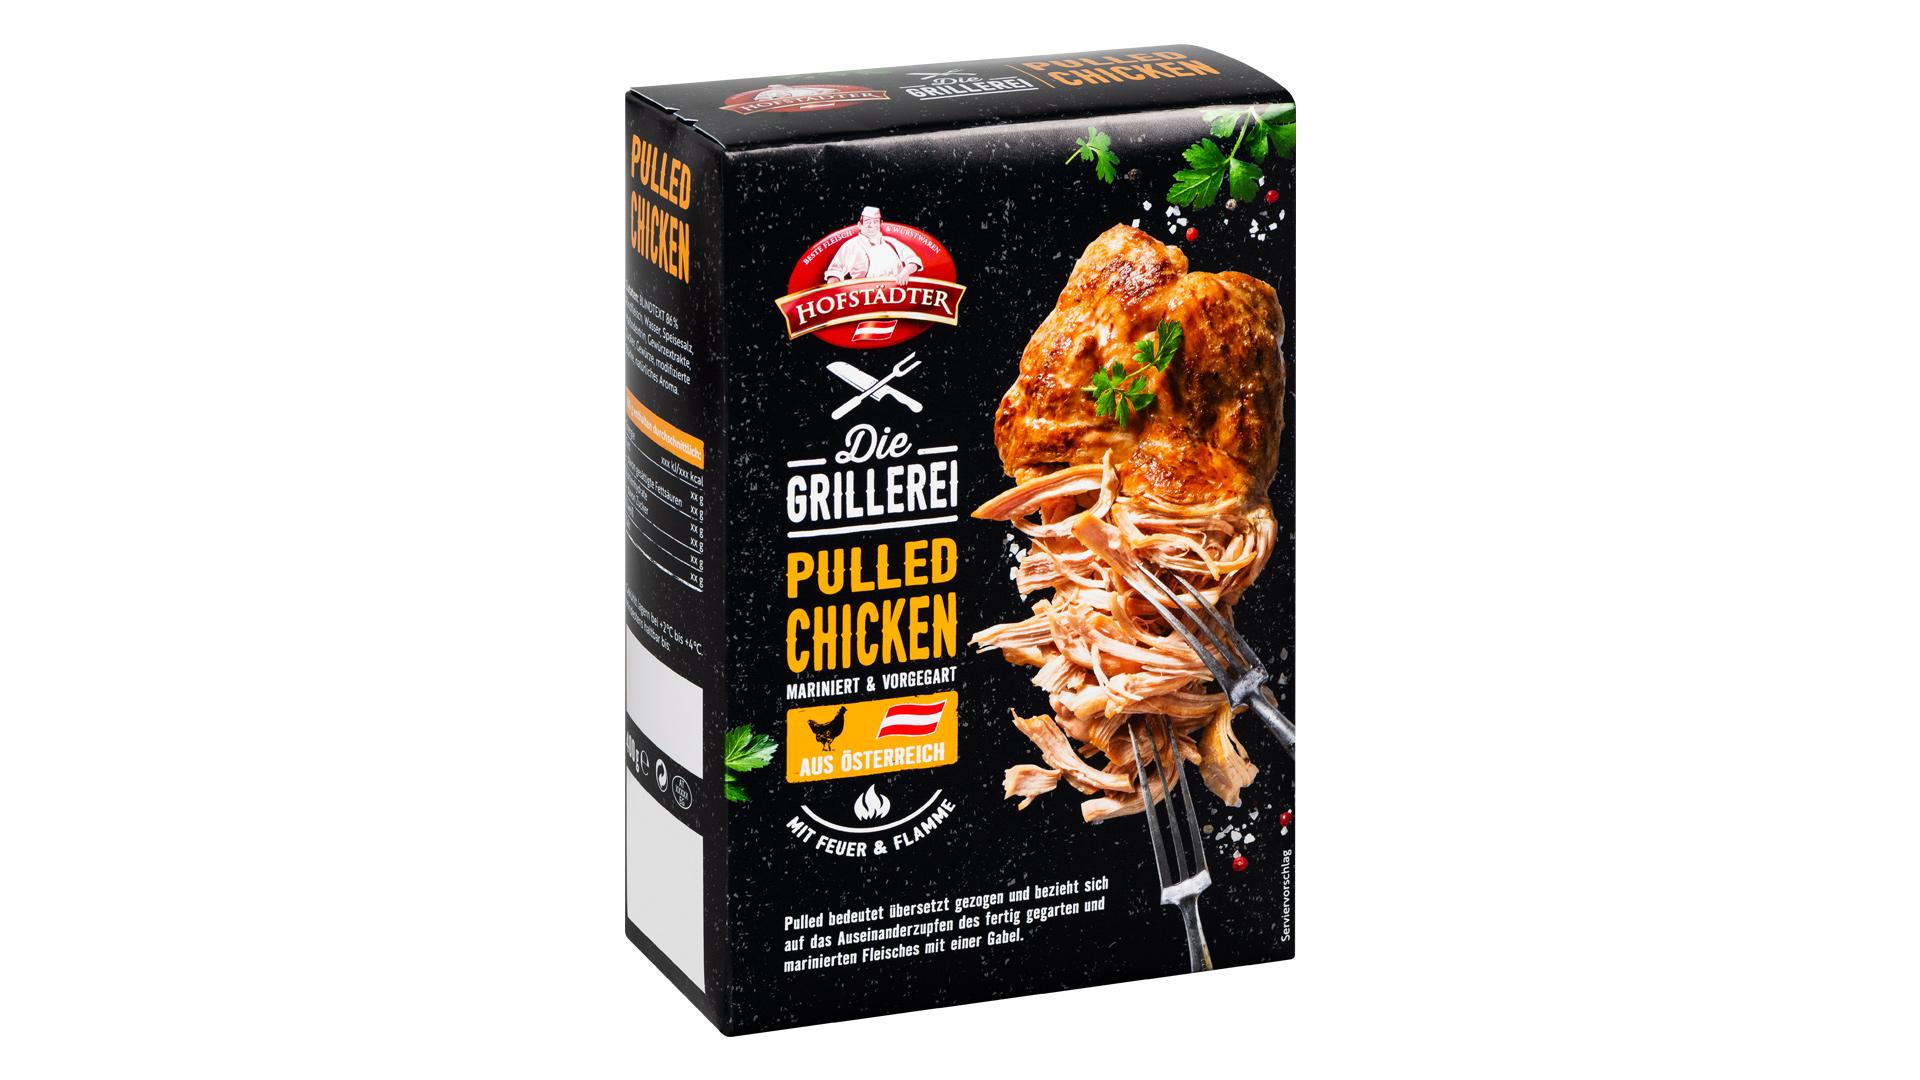 Hofstädter Pulled Chicken